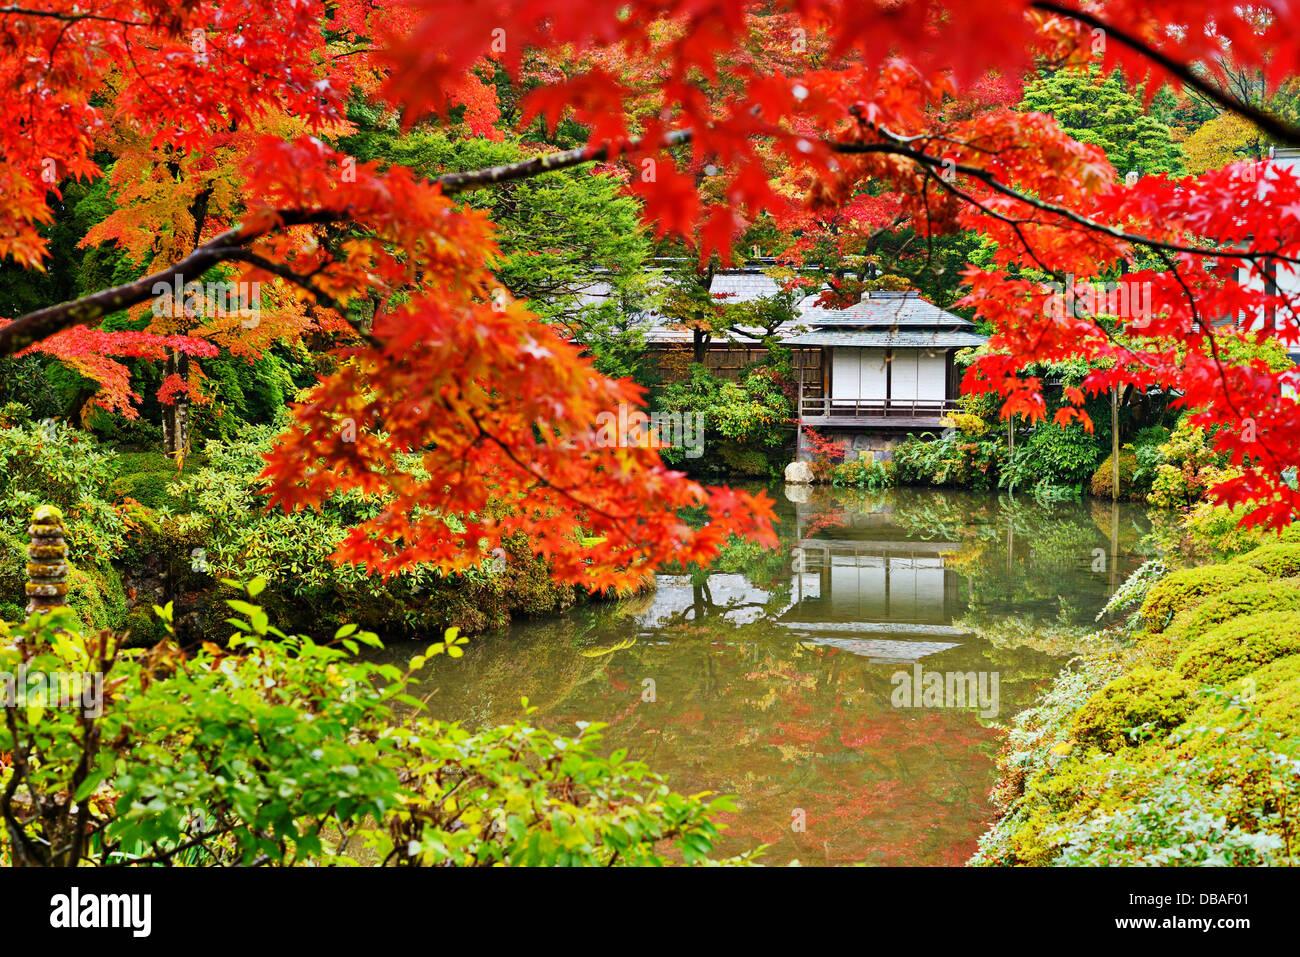 Giardino giapponese in Nikko, Giappone. Immagini Stock